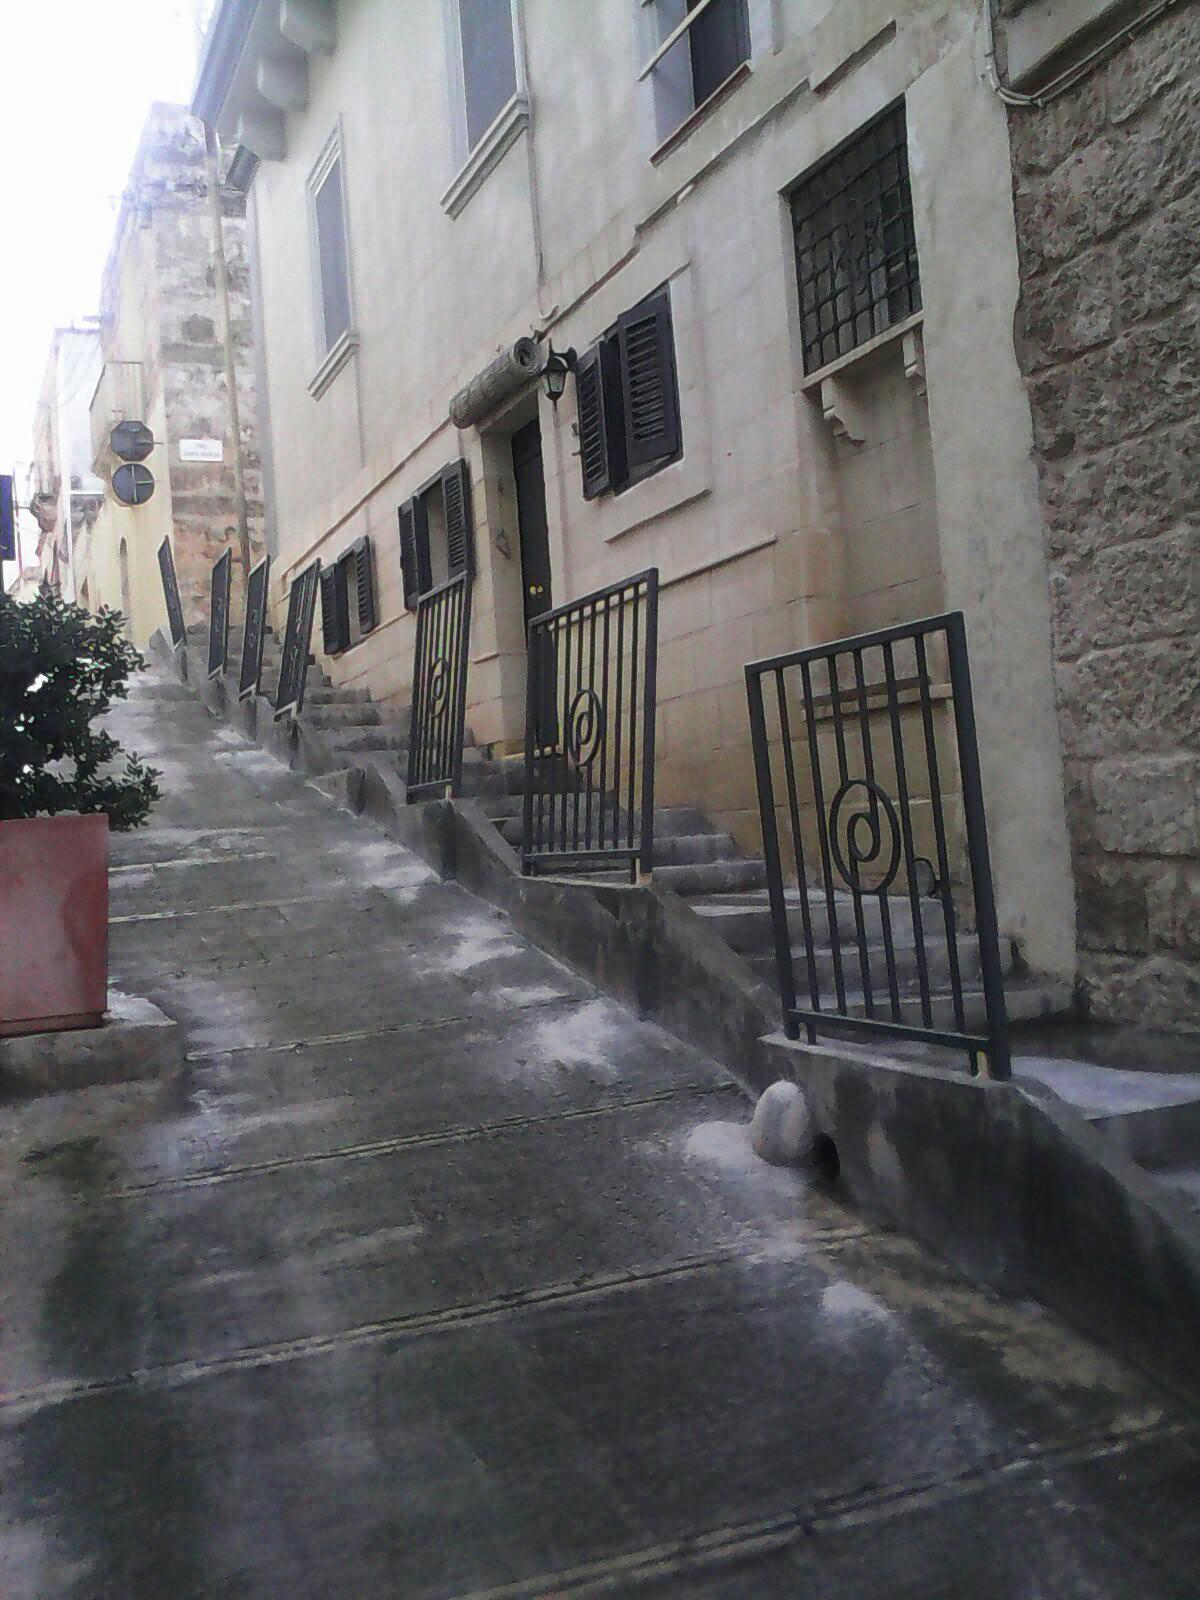 Jibda x-xogħol ta' tqegħid ta' poġġaman fit-Taraġ ta' Triq il-Mitħna l-Qadima